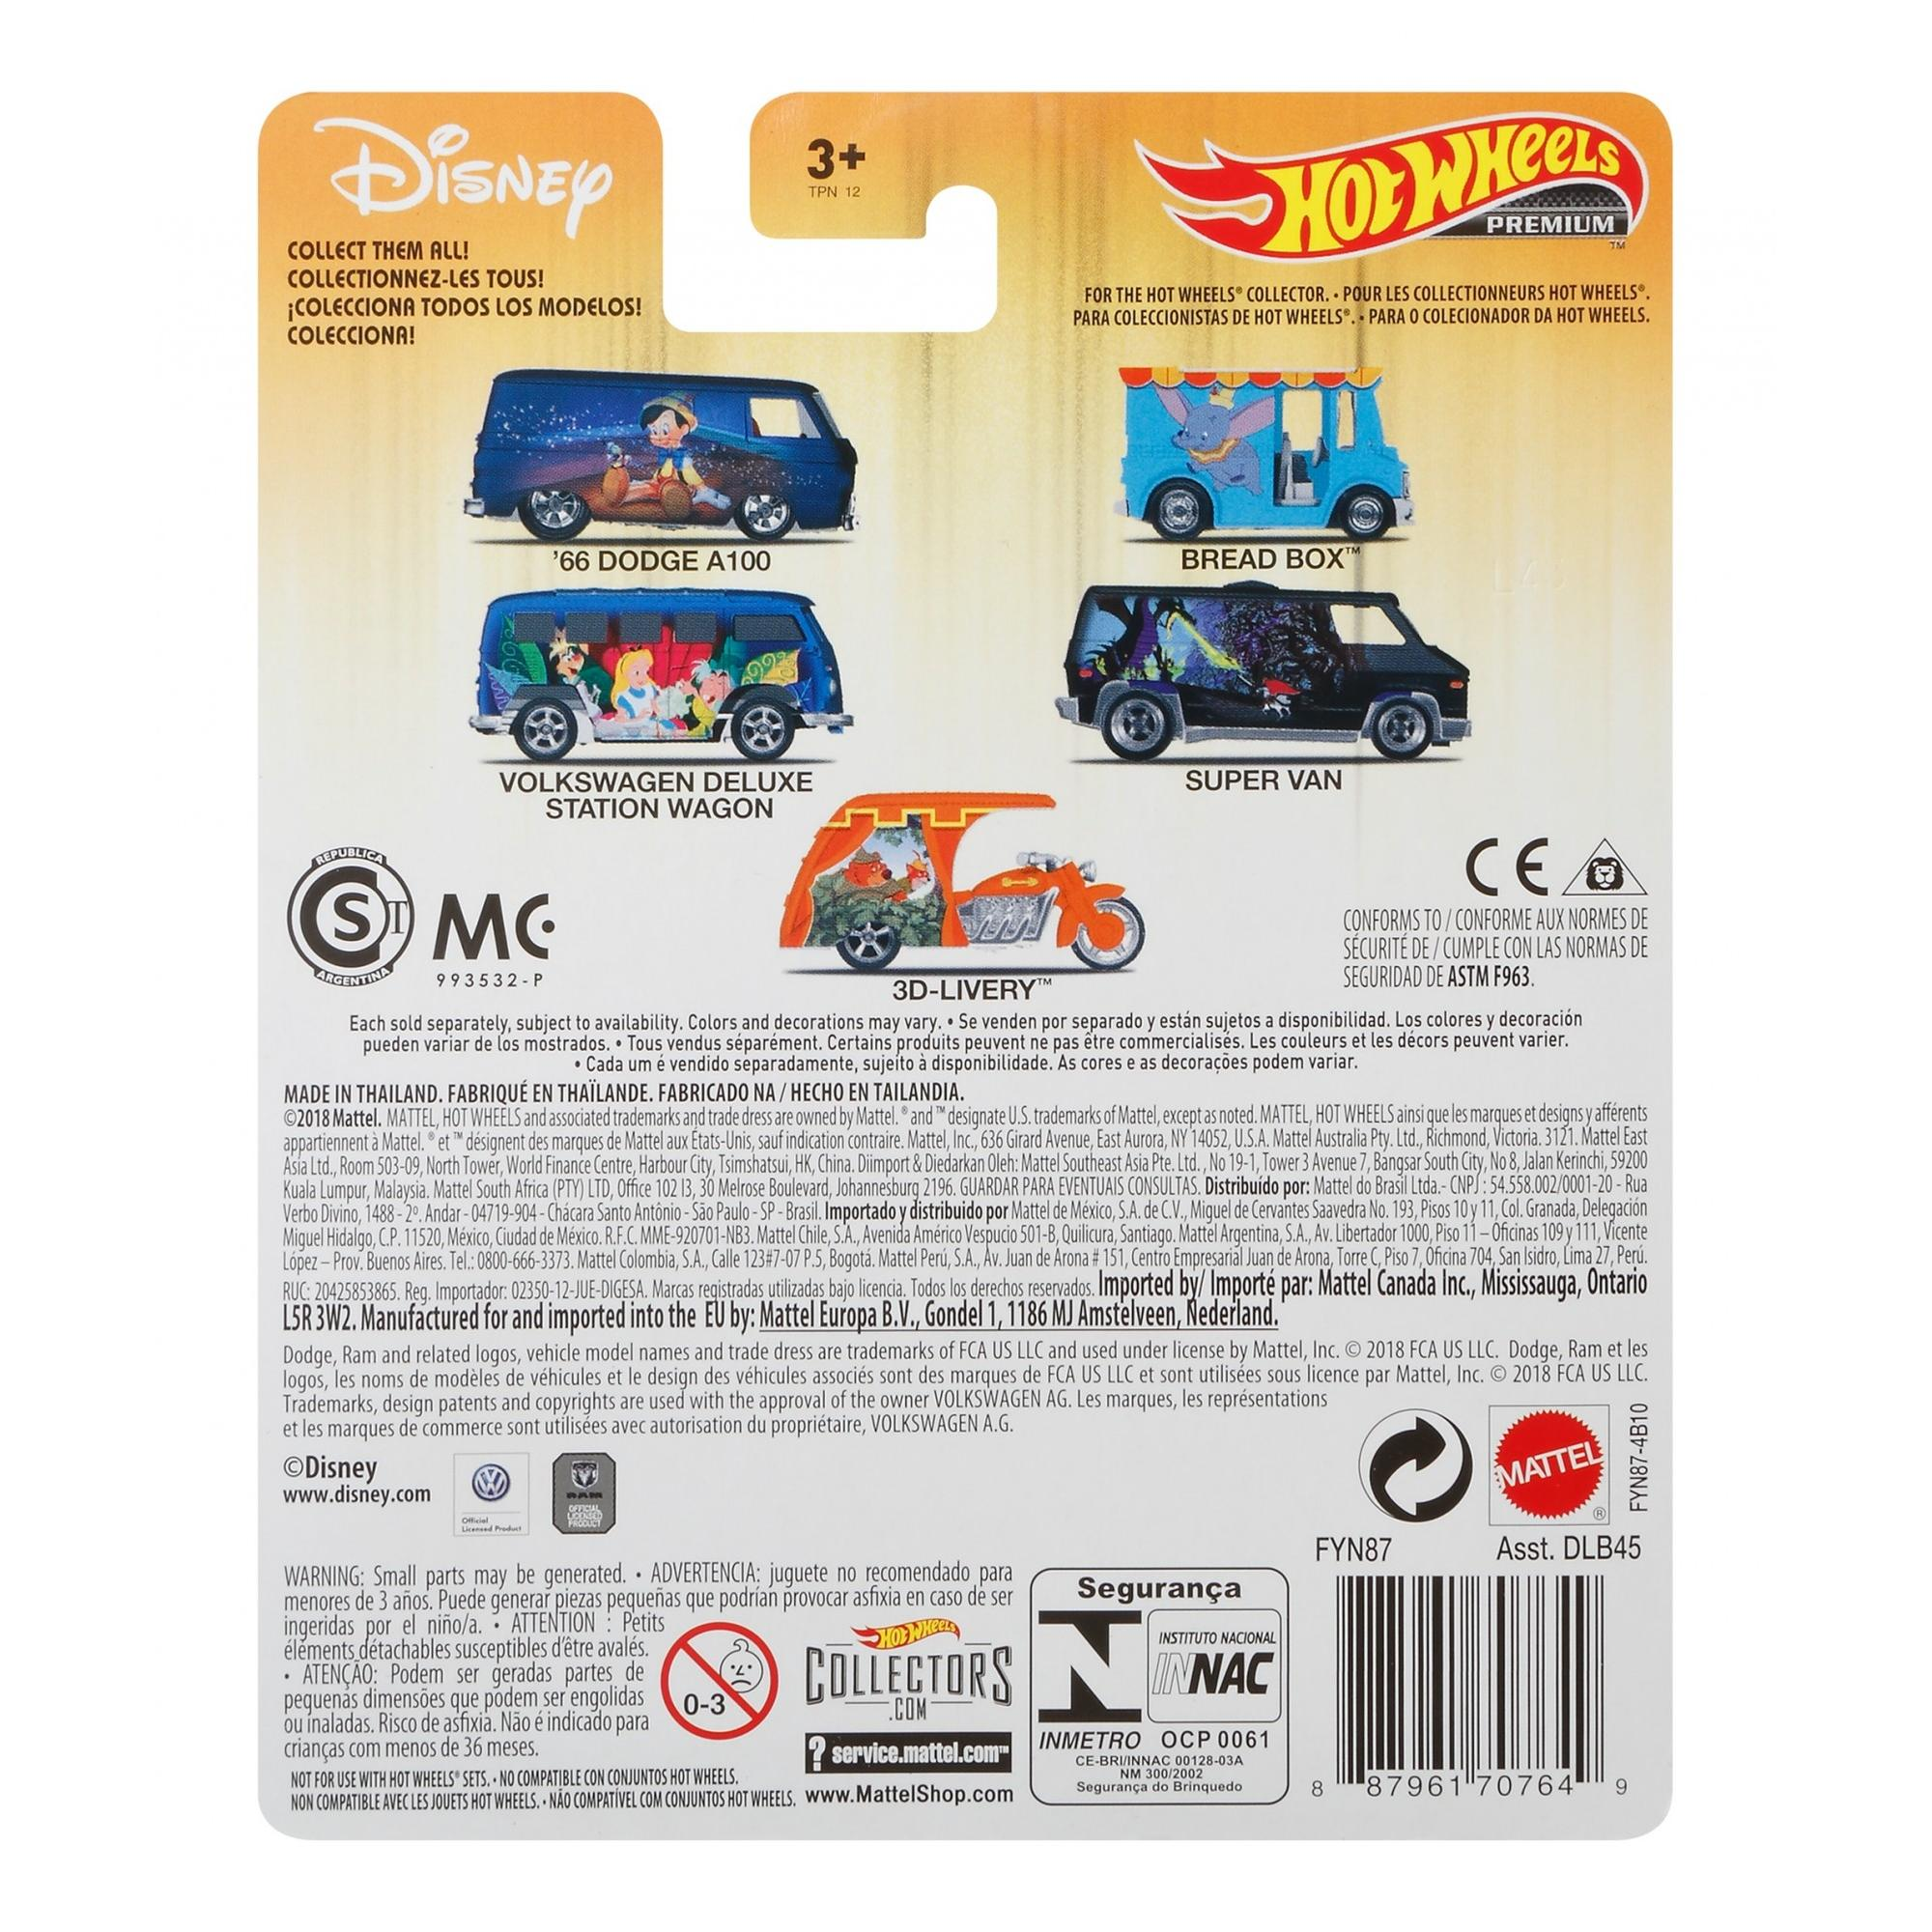 /'66 Dodge a100 Walt Disney Classic Pinocho 1:64 Hot Wheels fyn87 dlb45